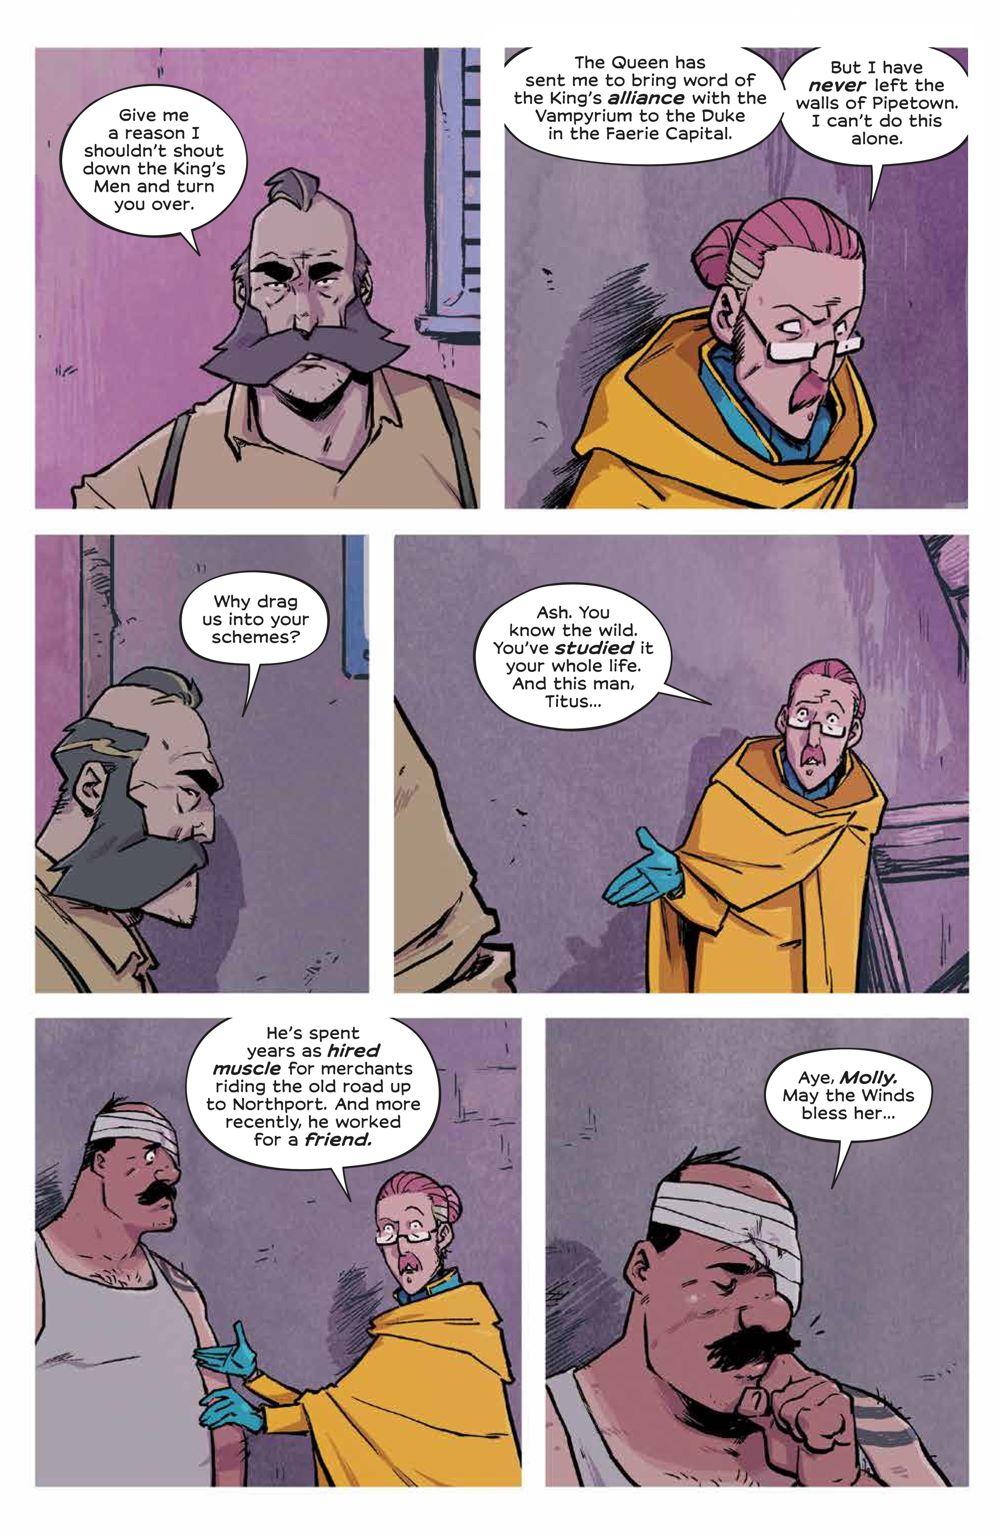 Wynd_007_PRESS_7 ComicList Previews: WYND #7